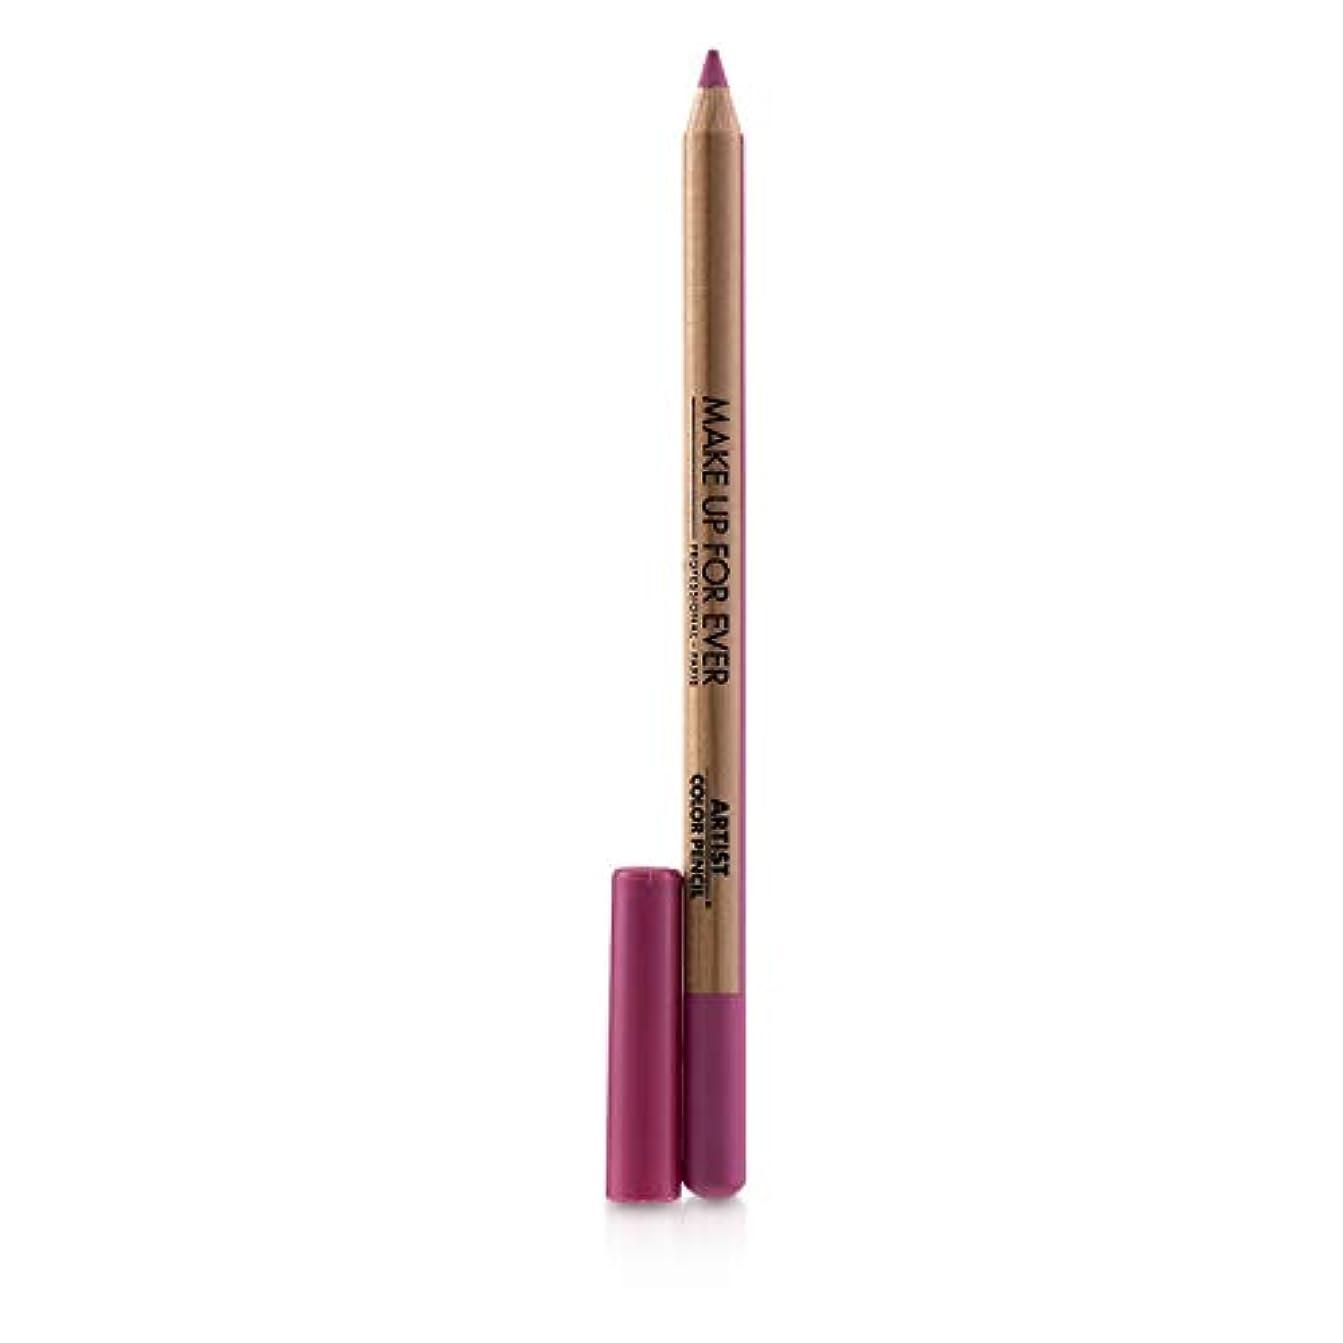 ベーコンサージコインメイクアップフォーエバー Artist Color Pencil - # 804 No Boundaries Blush 1.41g/0.04oz並行輸入品